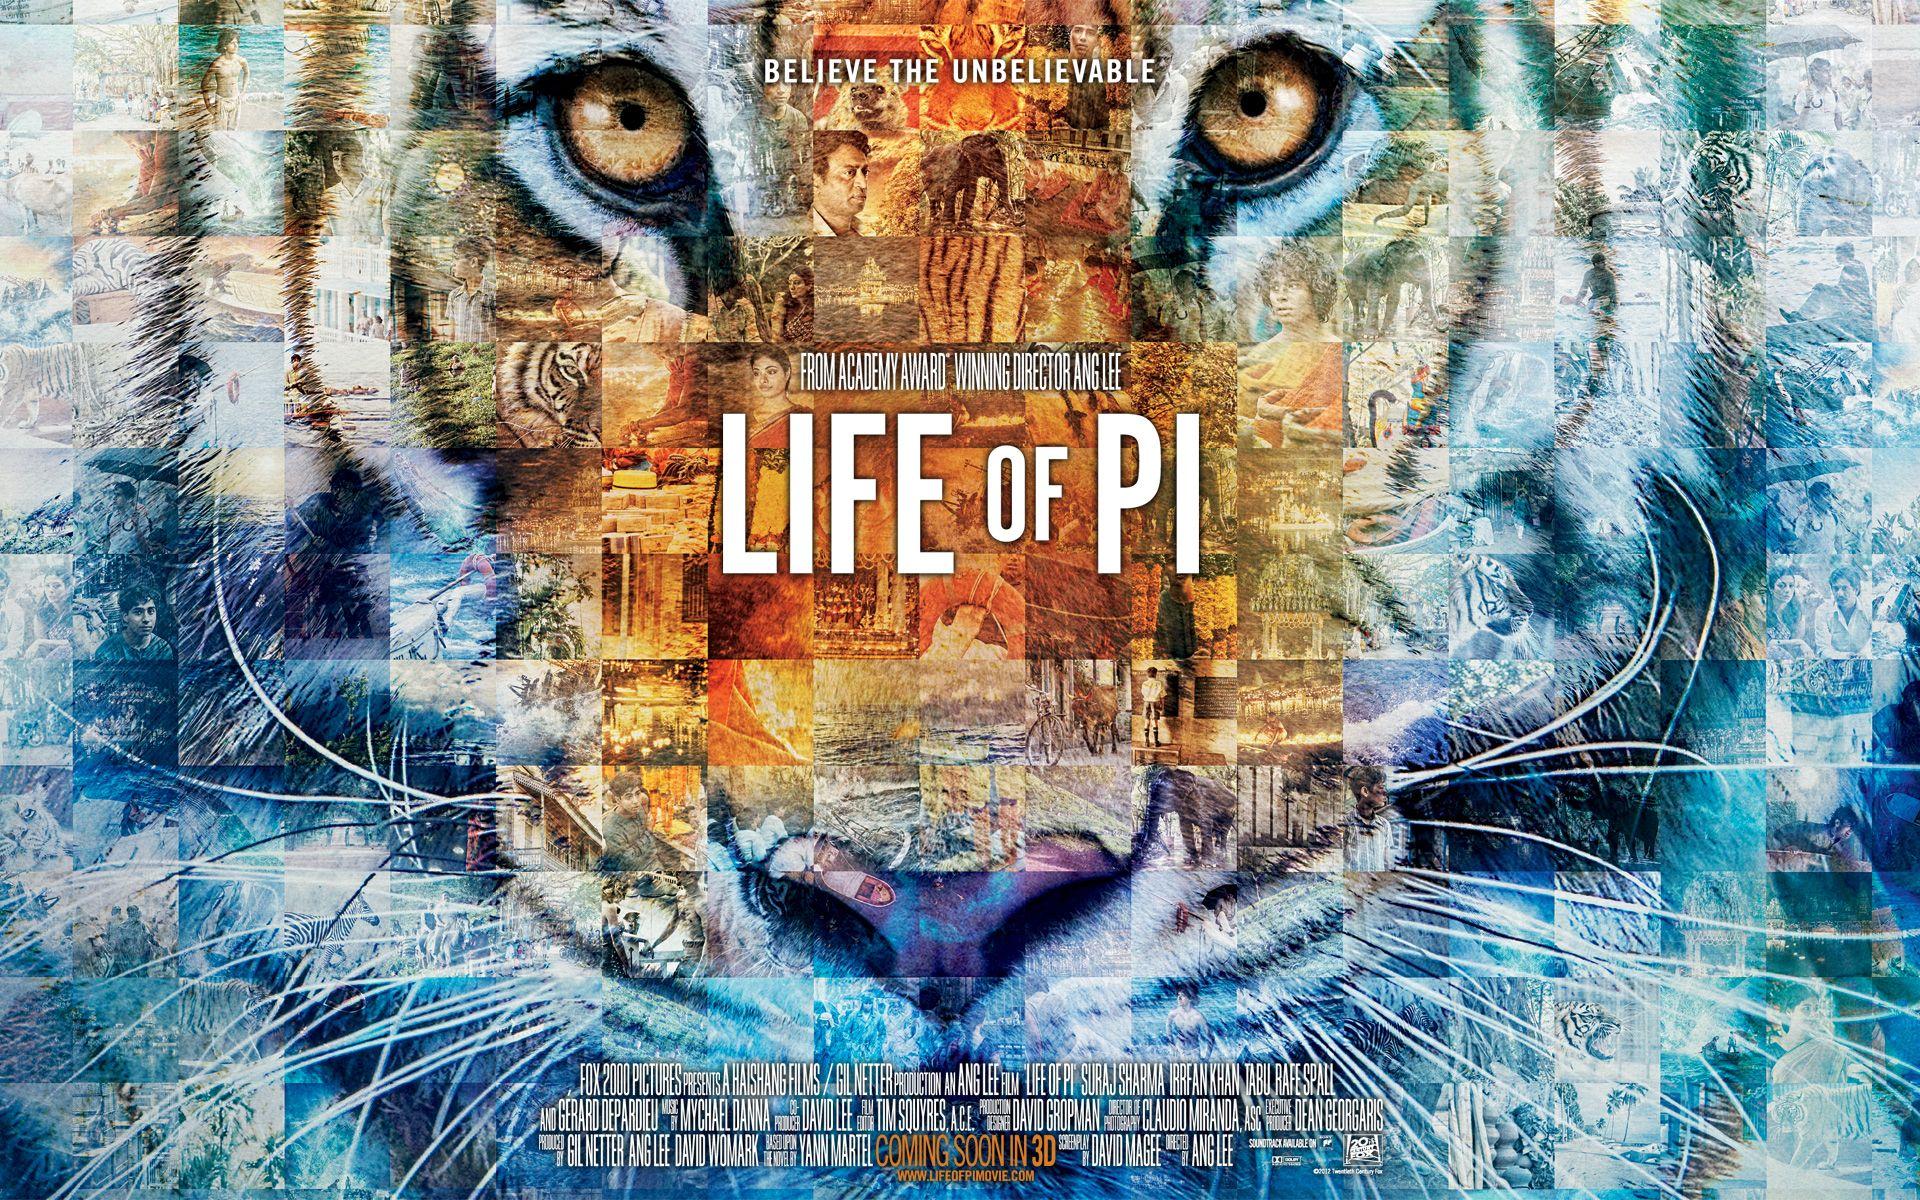 Life of Pi wallpaper 2